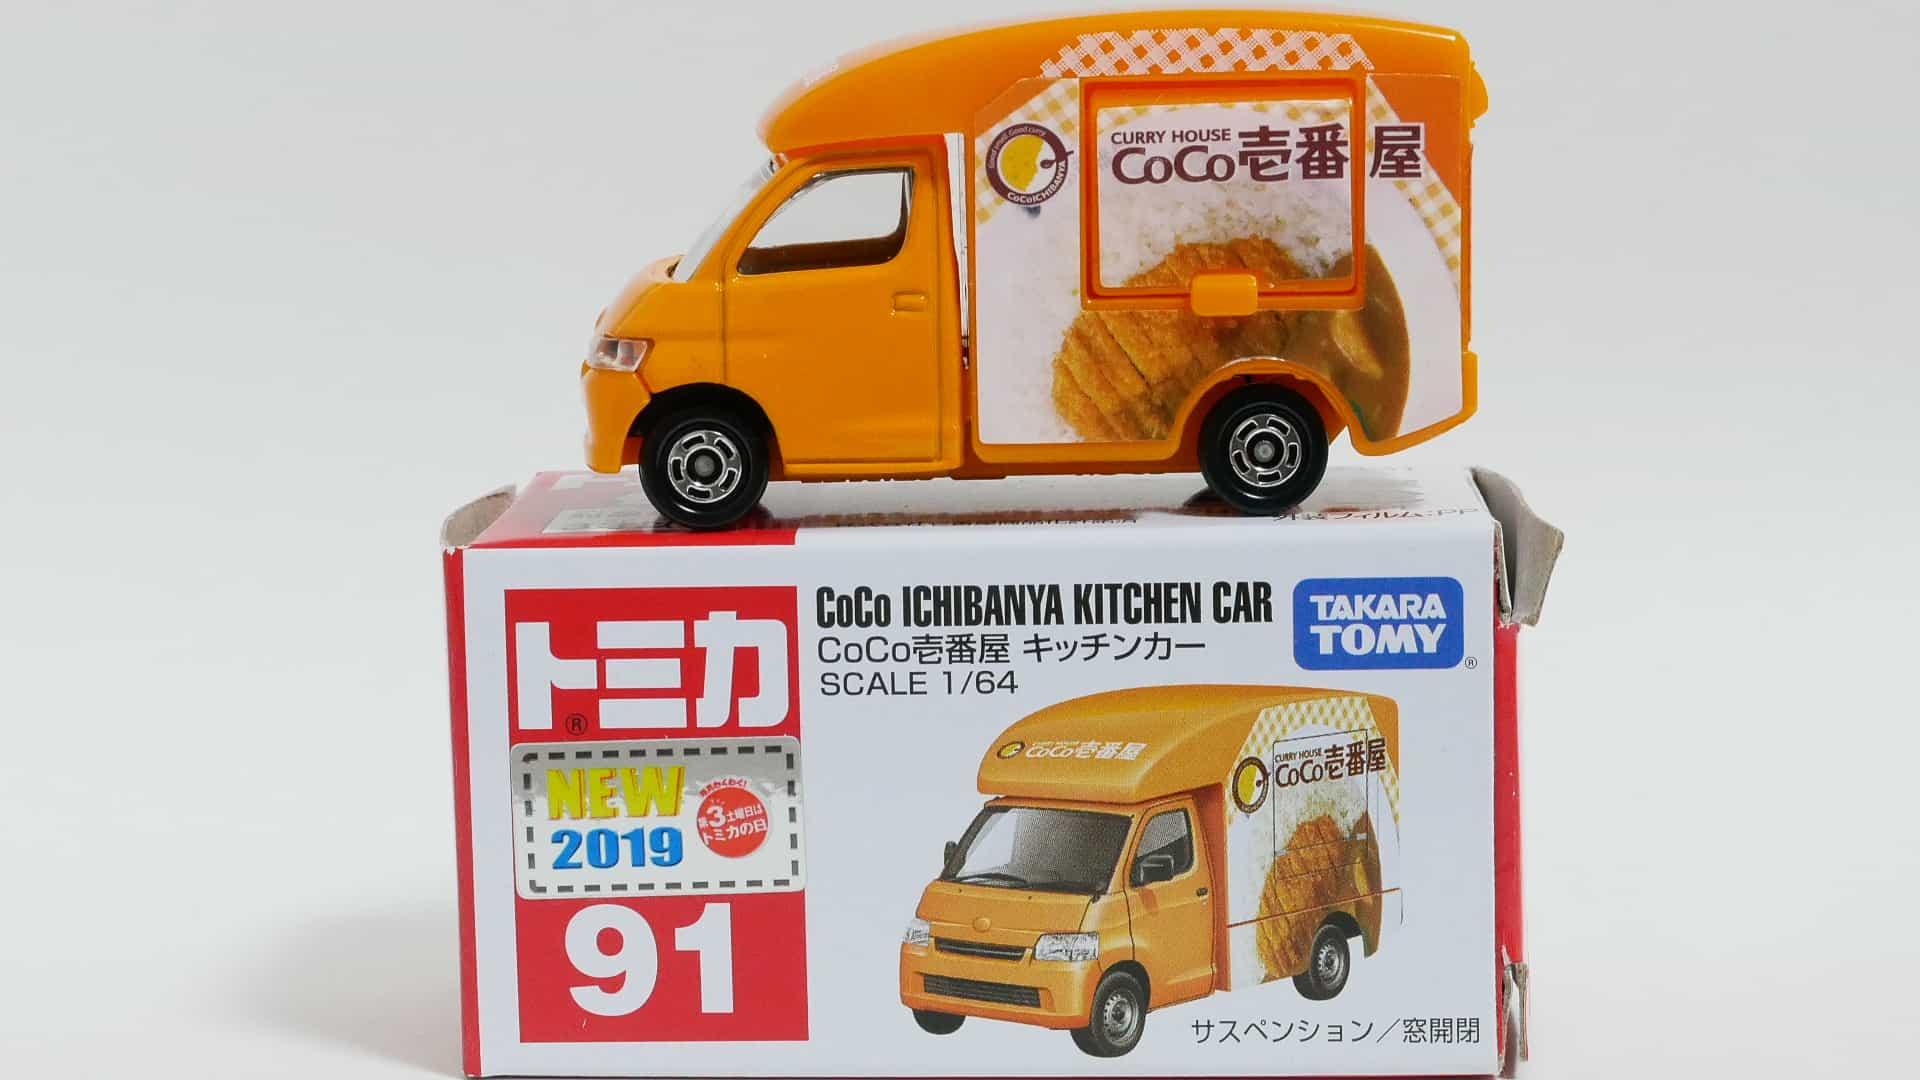 トミカNo.91-5CoCo壱番屋キッチンカー-箱